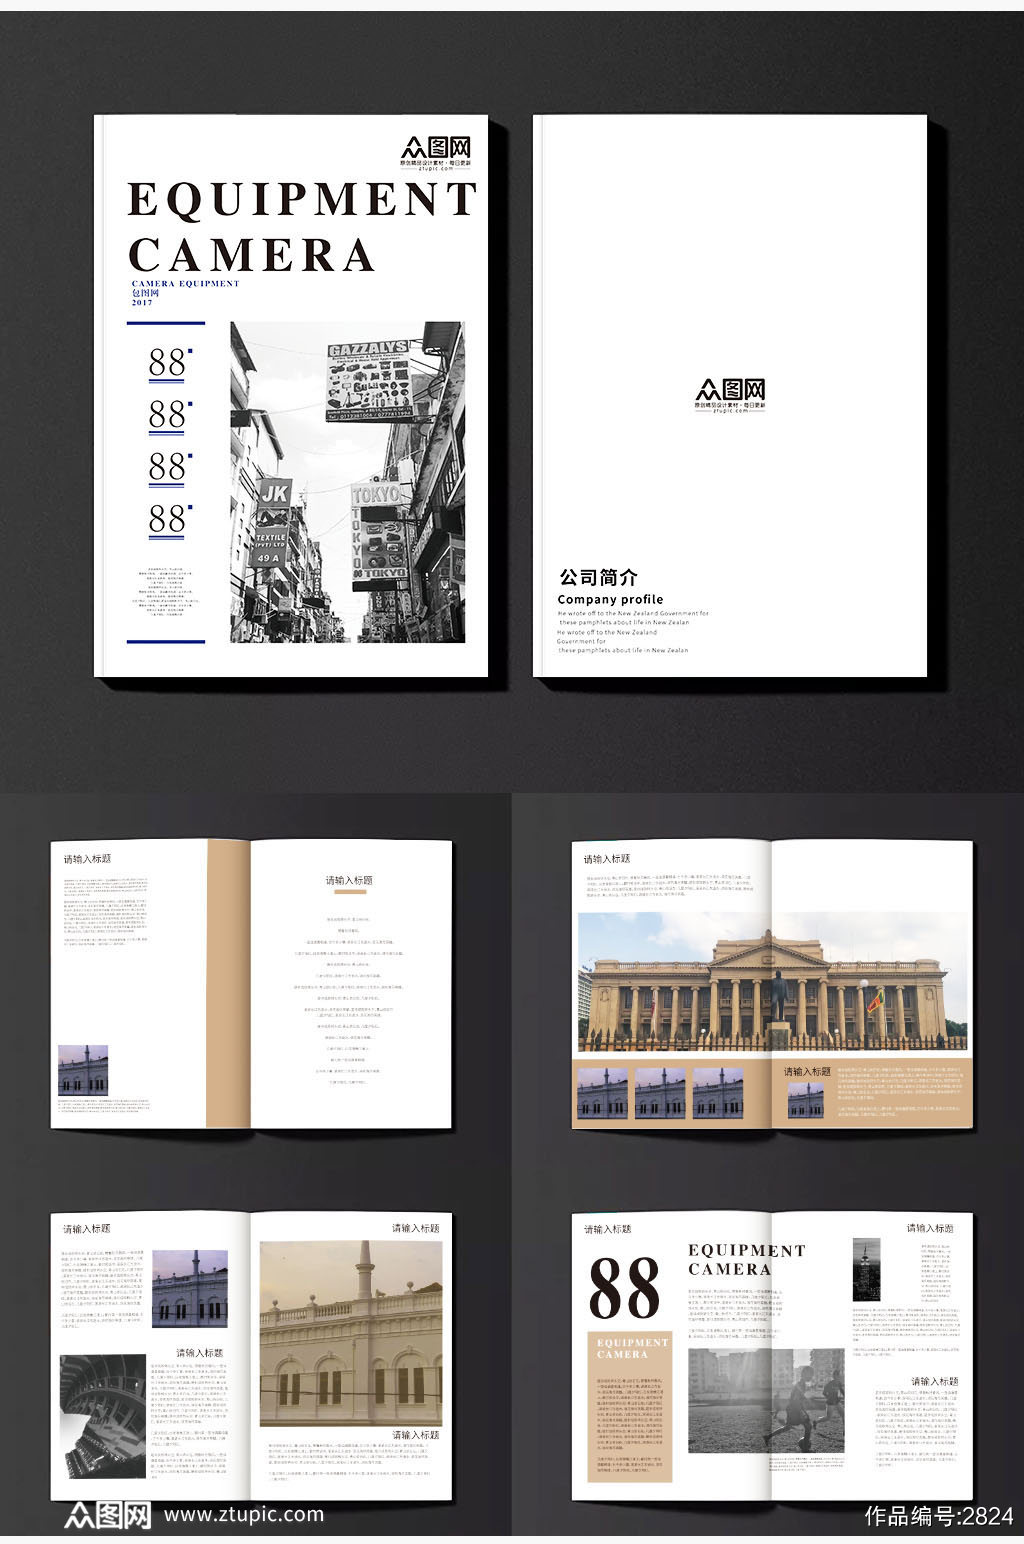 整套欧美风格时尚画册设计素材